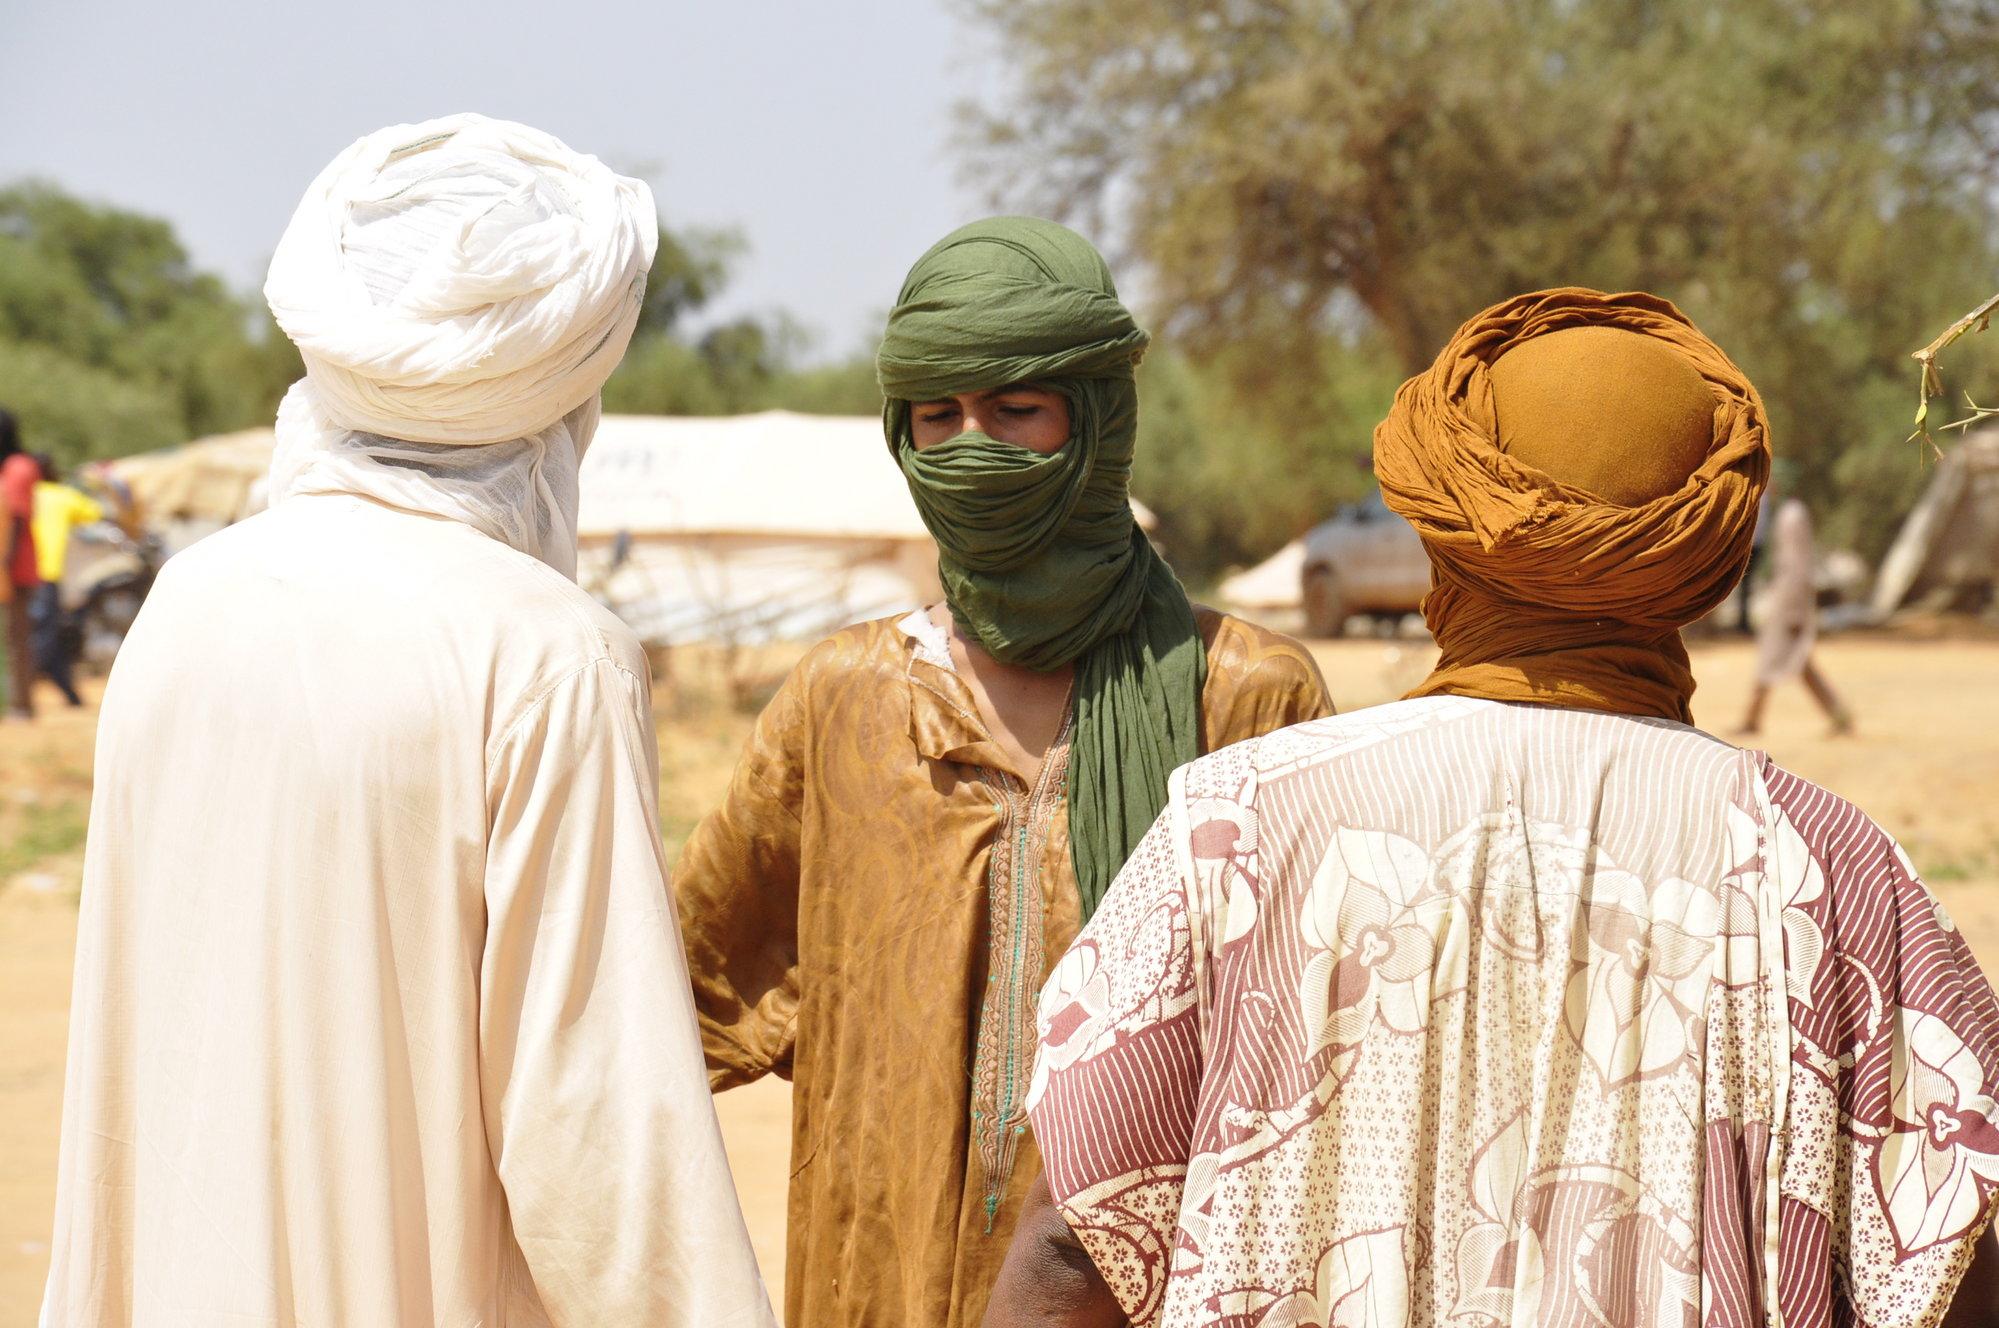 Malí vuelve a la Unión Africana